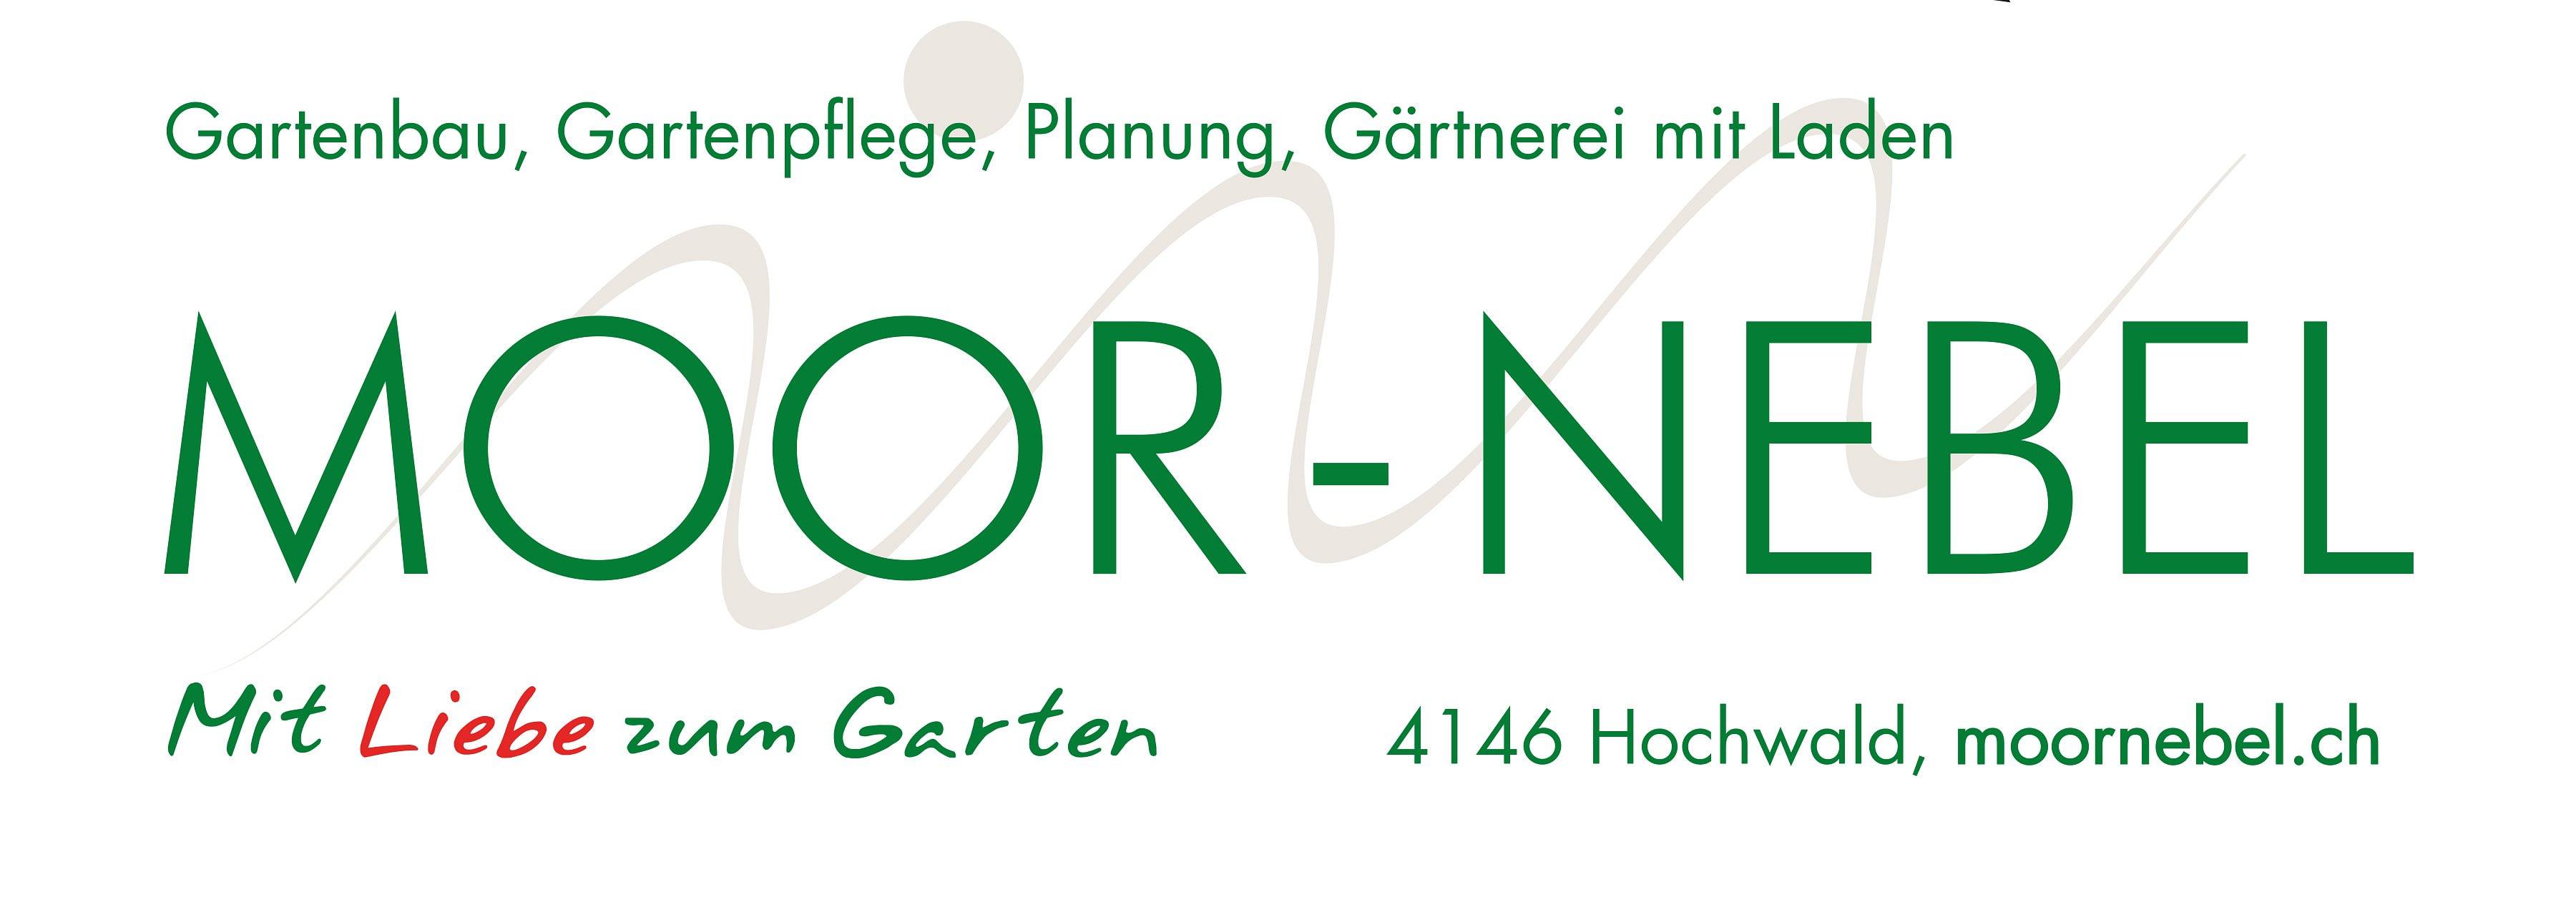 Moor-Nebel Gärtnerei GmbH